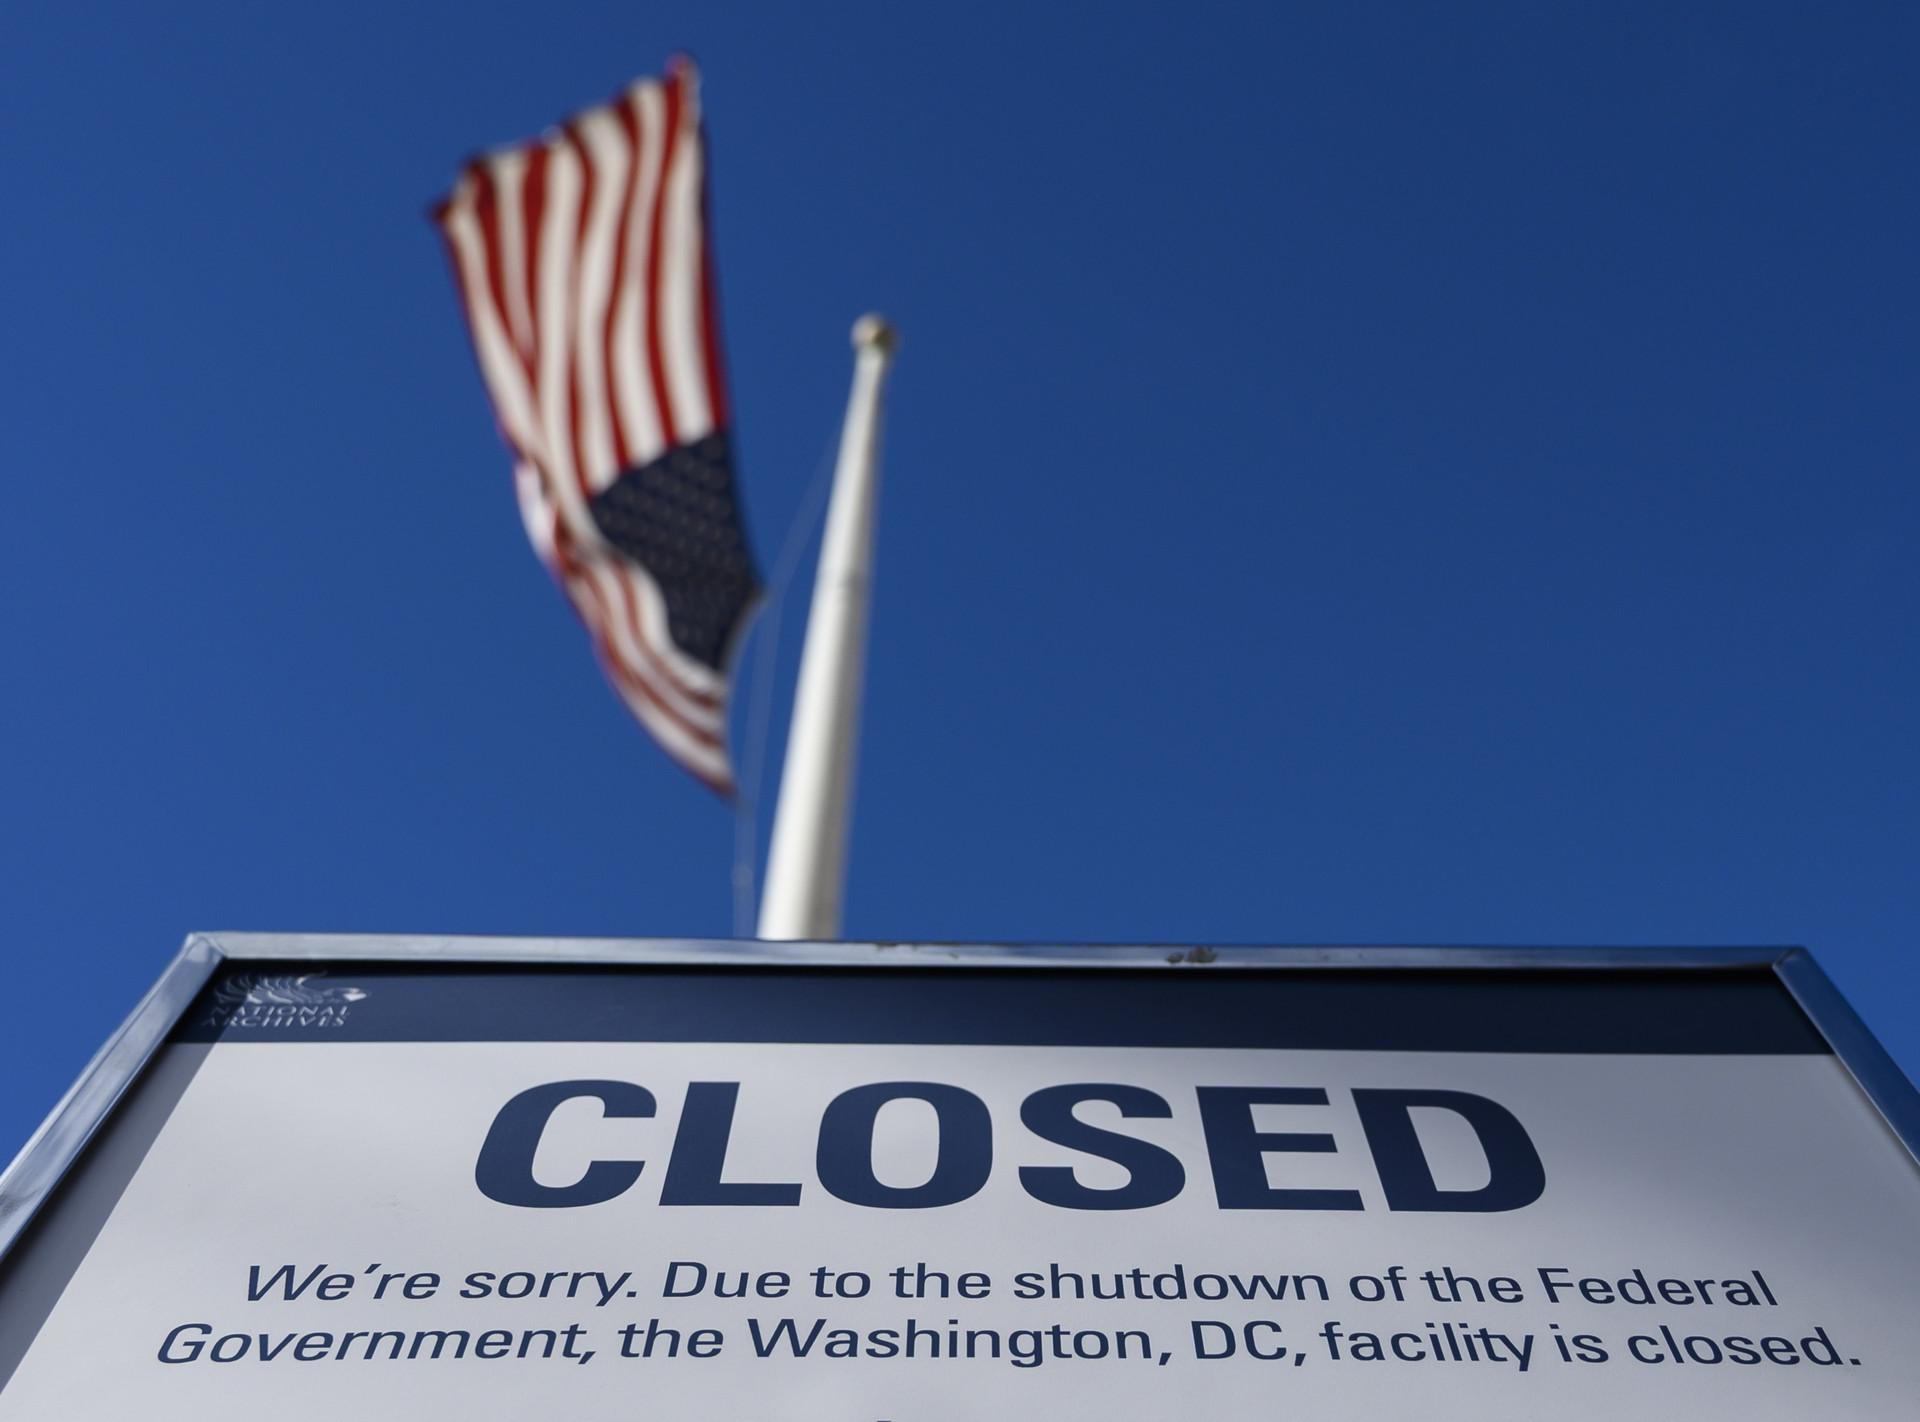 Объявление о закрытии федерального учреждения здания в связи с шатдауном                     AFP